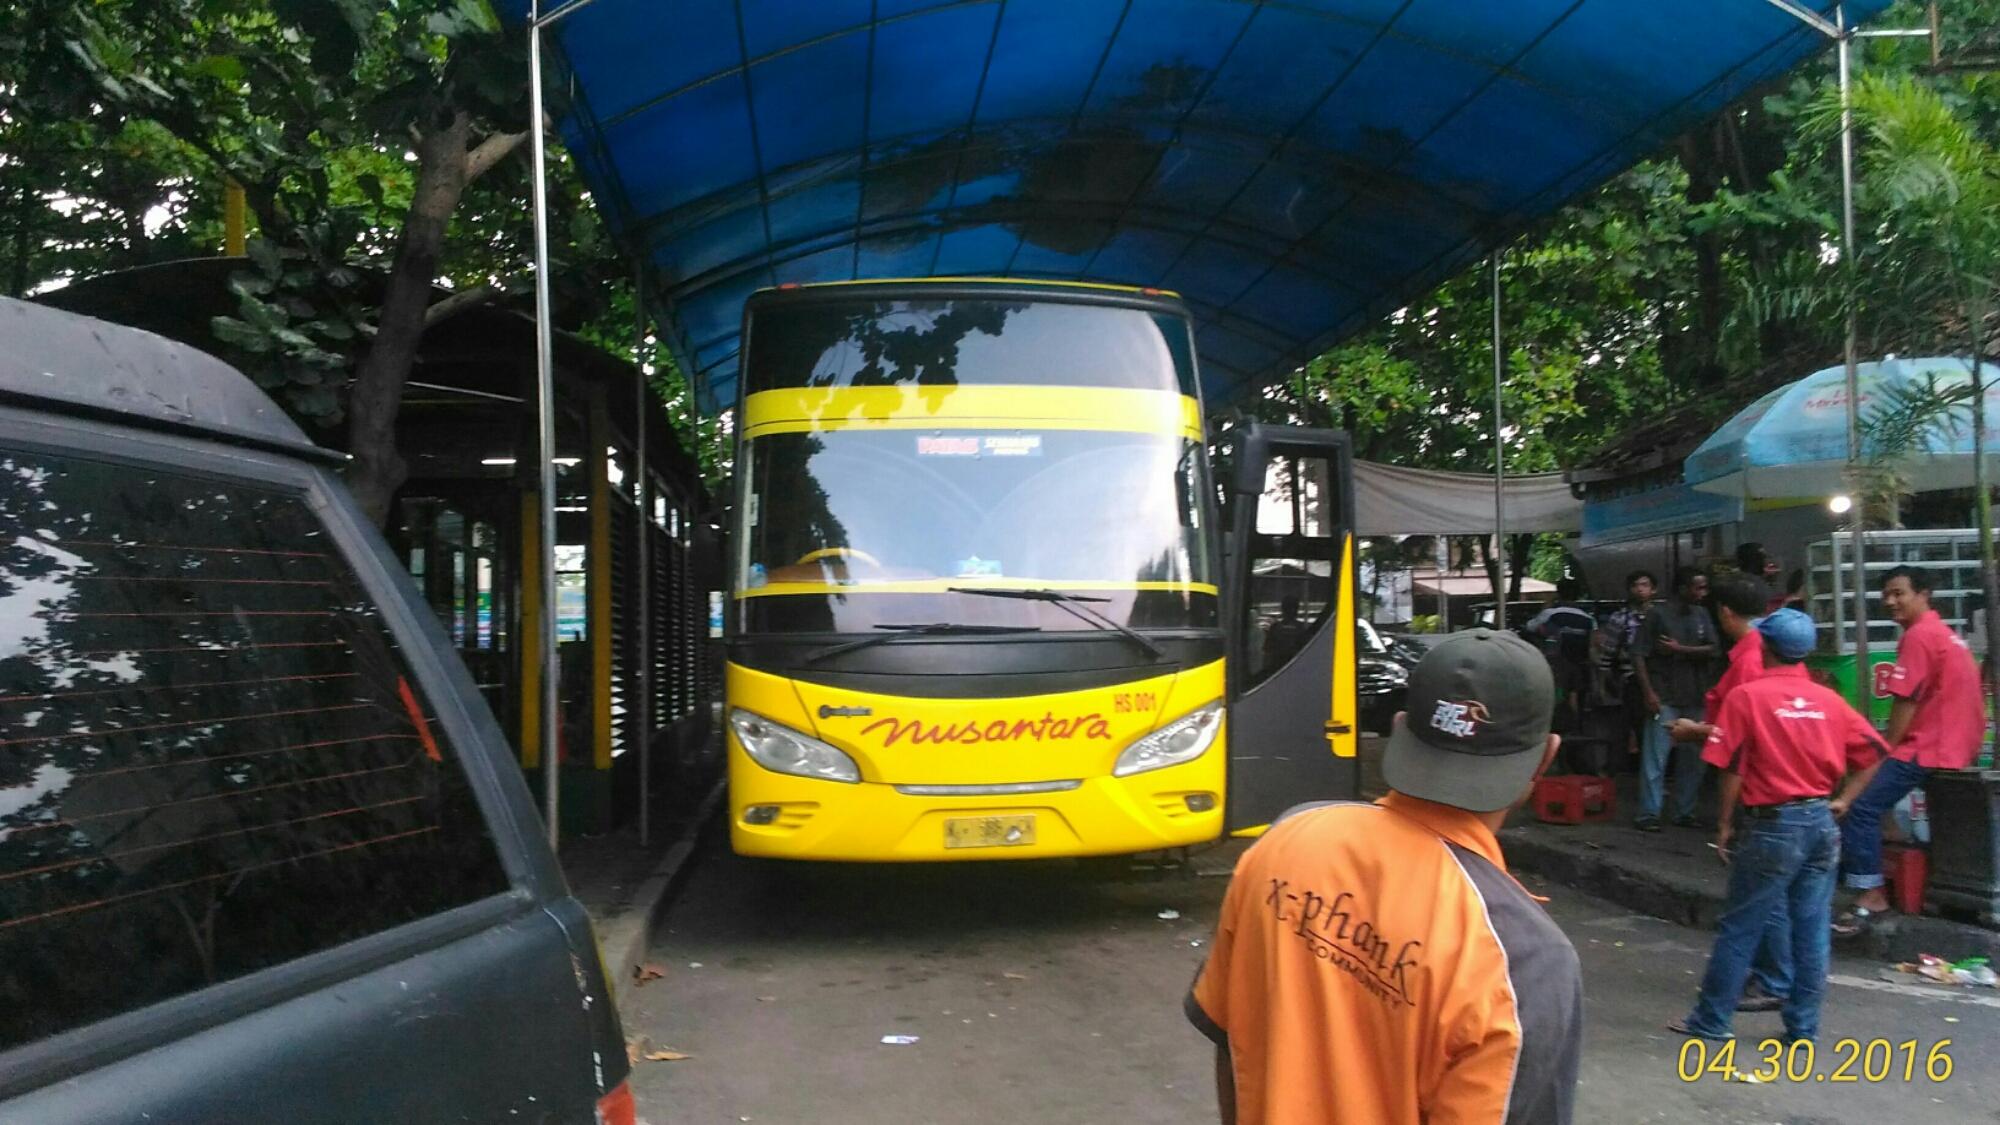 Nyobain Bus Patas Nusantara Jurusan Yogyakarta Semarang